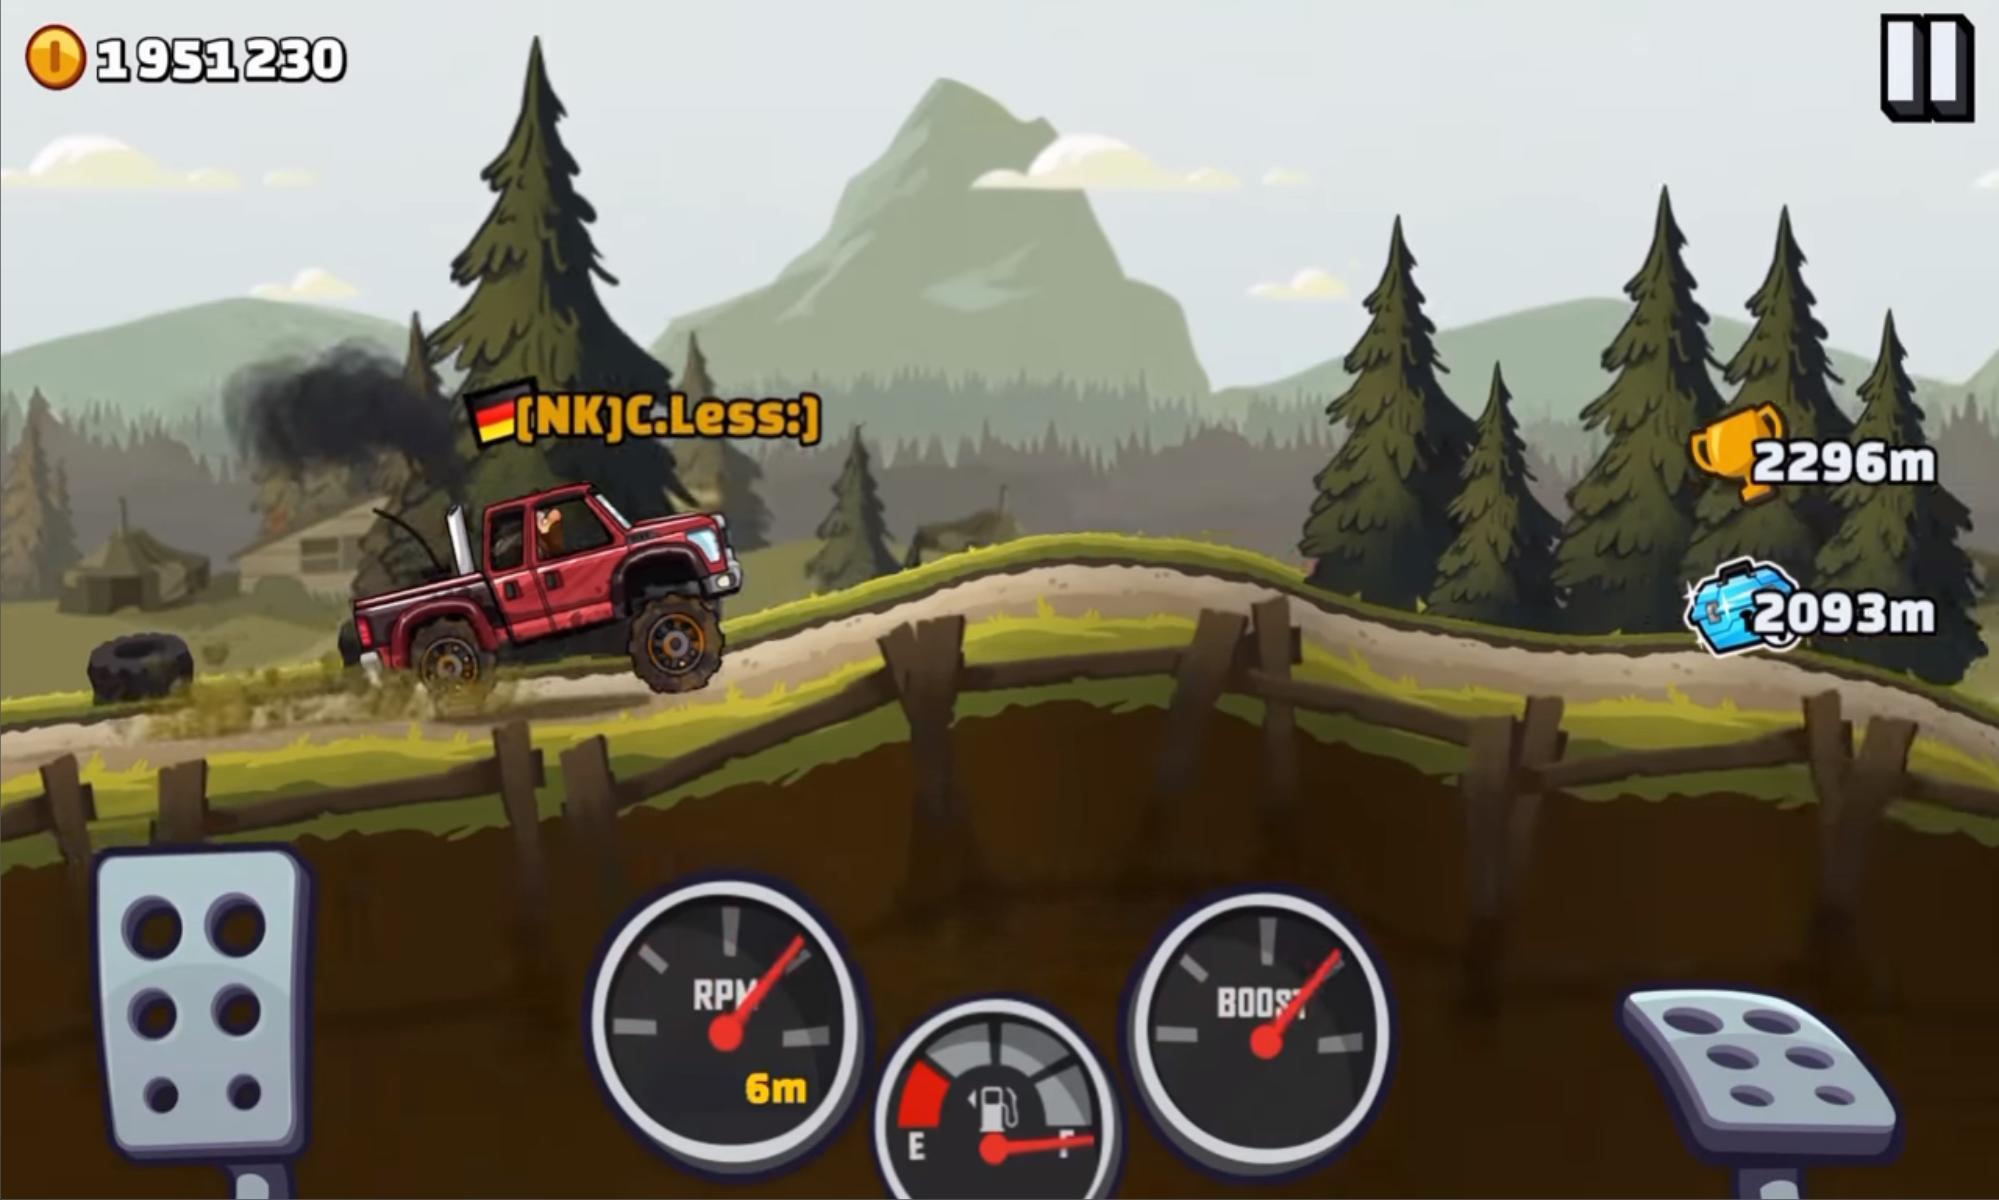 скачать hill climb racing 2 взлом